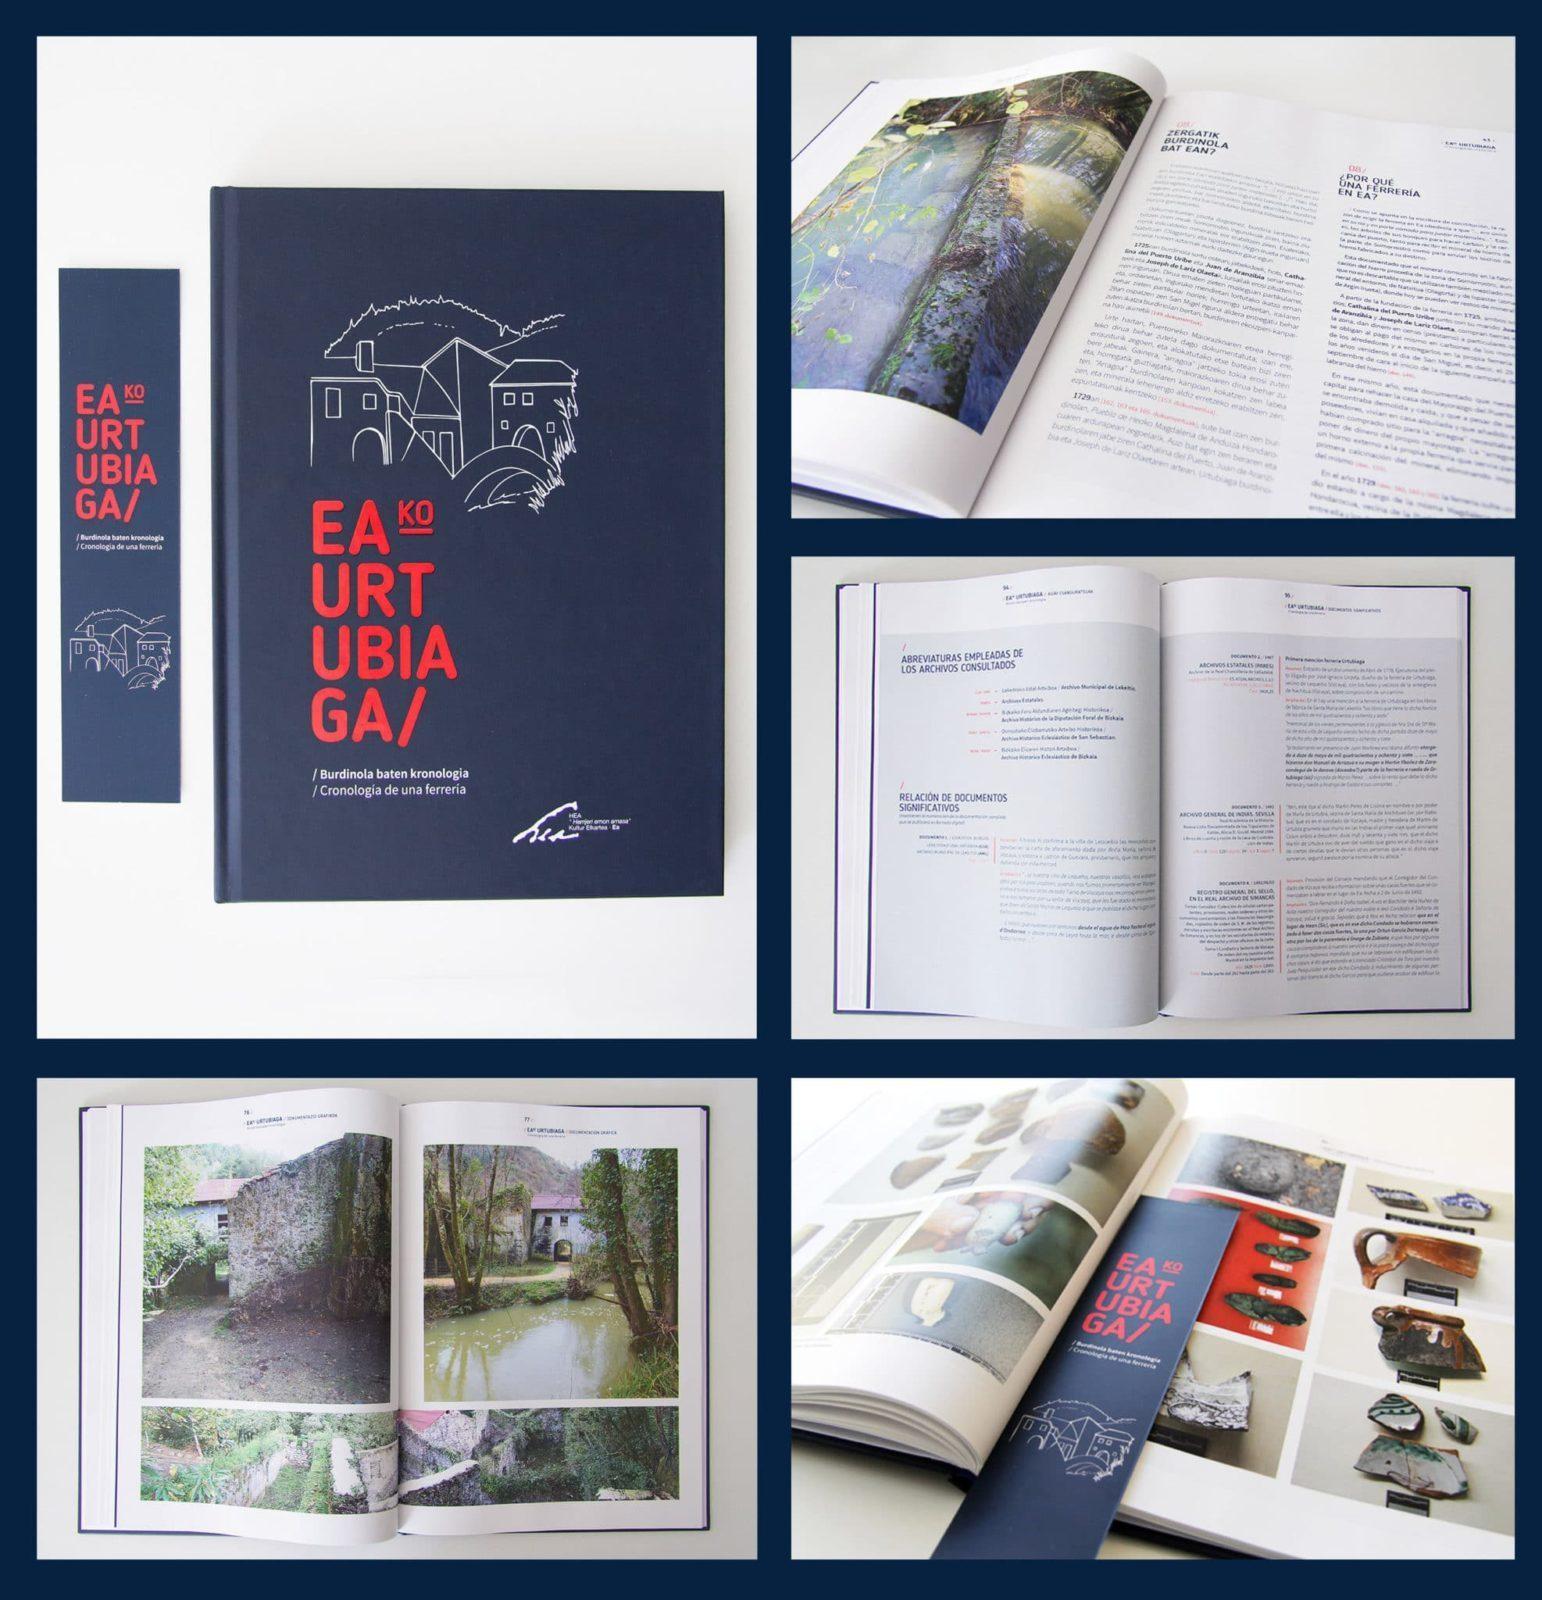 Sirope-Proyectos-diseño editorial-Ea-fotos2